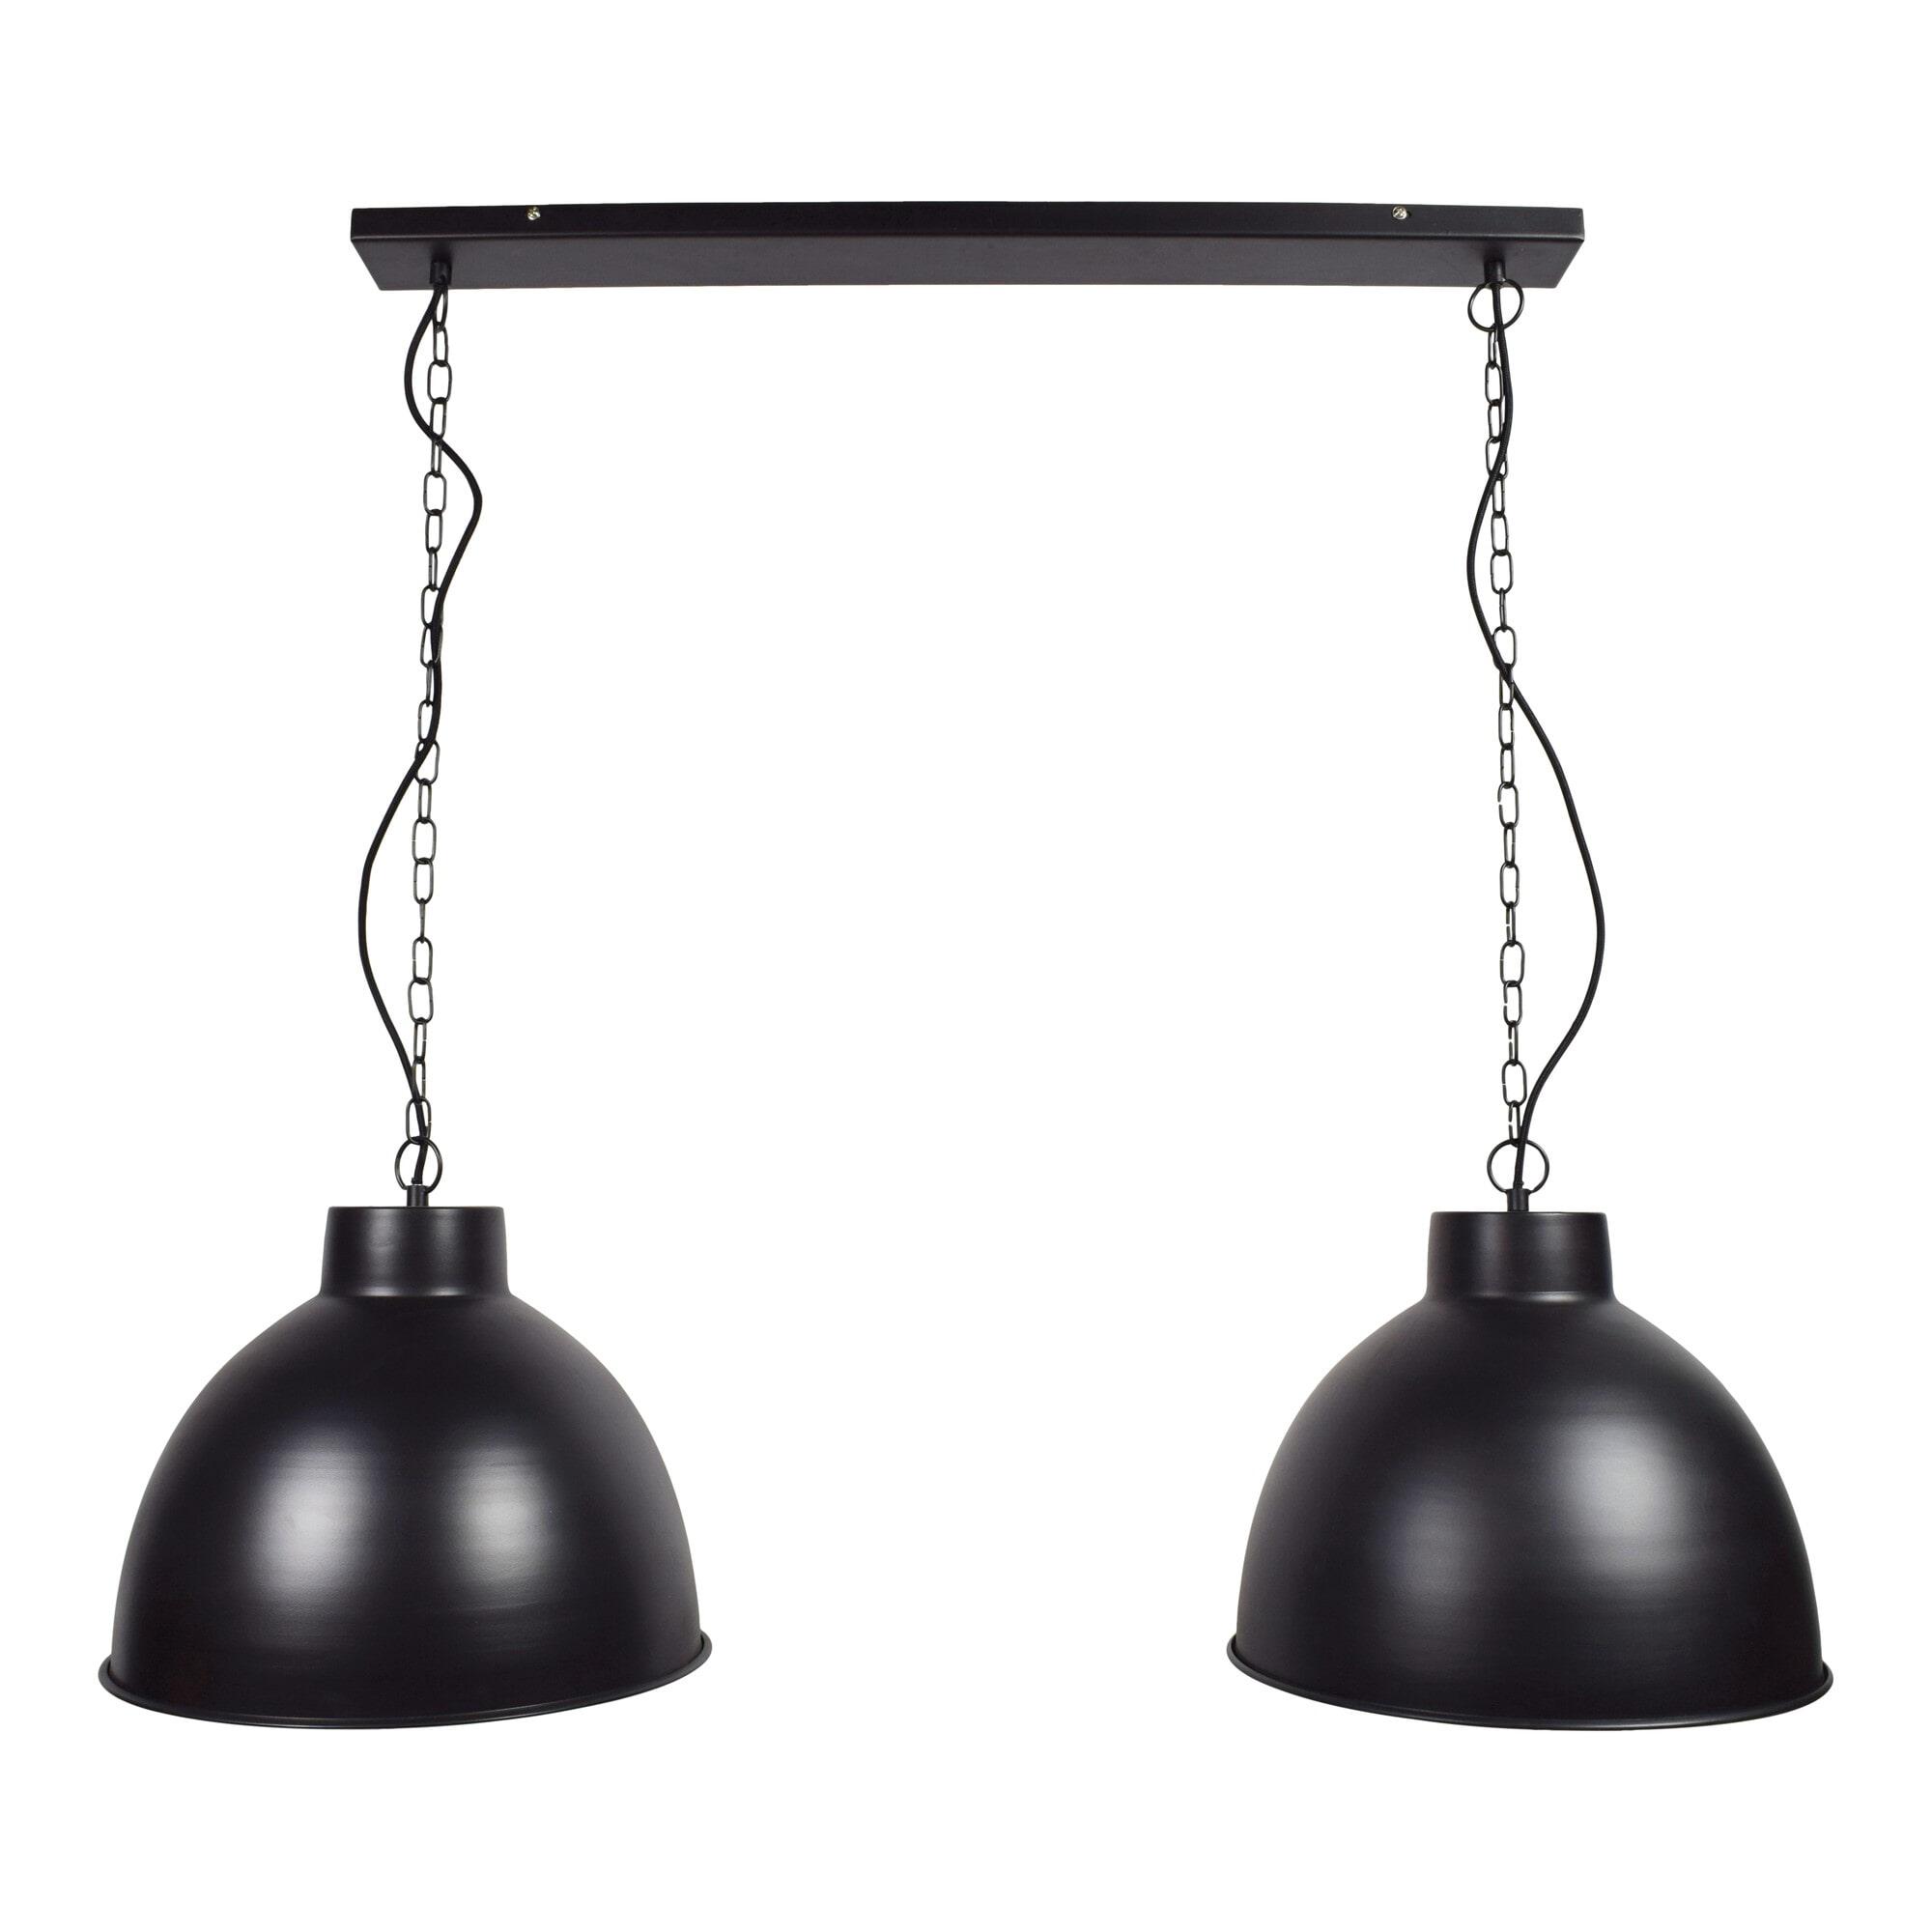 Urban Interiors hanglamp 'Rocky Double' Ø40cm, kleur Mat black Verlichting | Hanglampen vergelijken doe je het voordeligst hier bij Meubelpartner